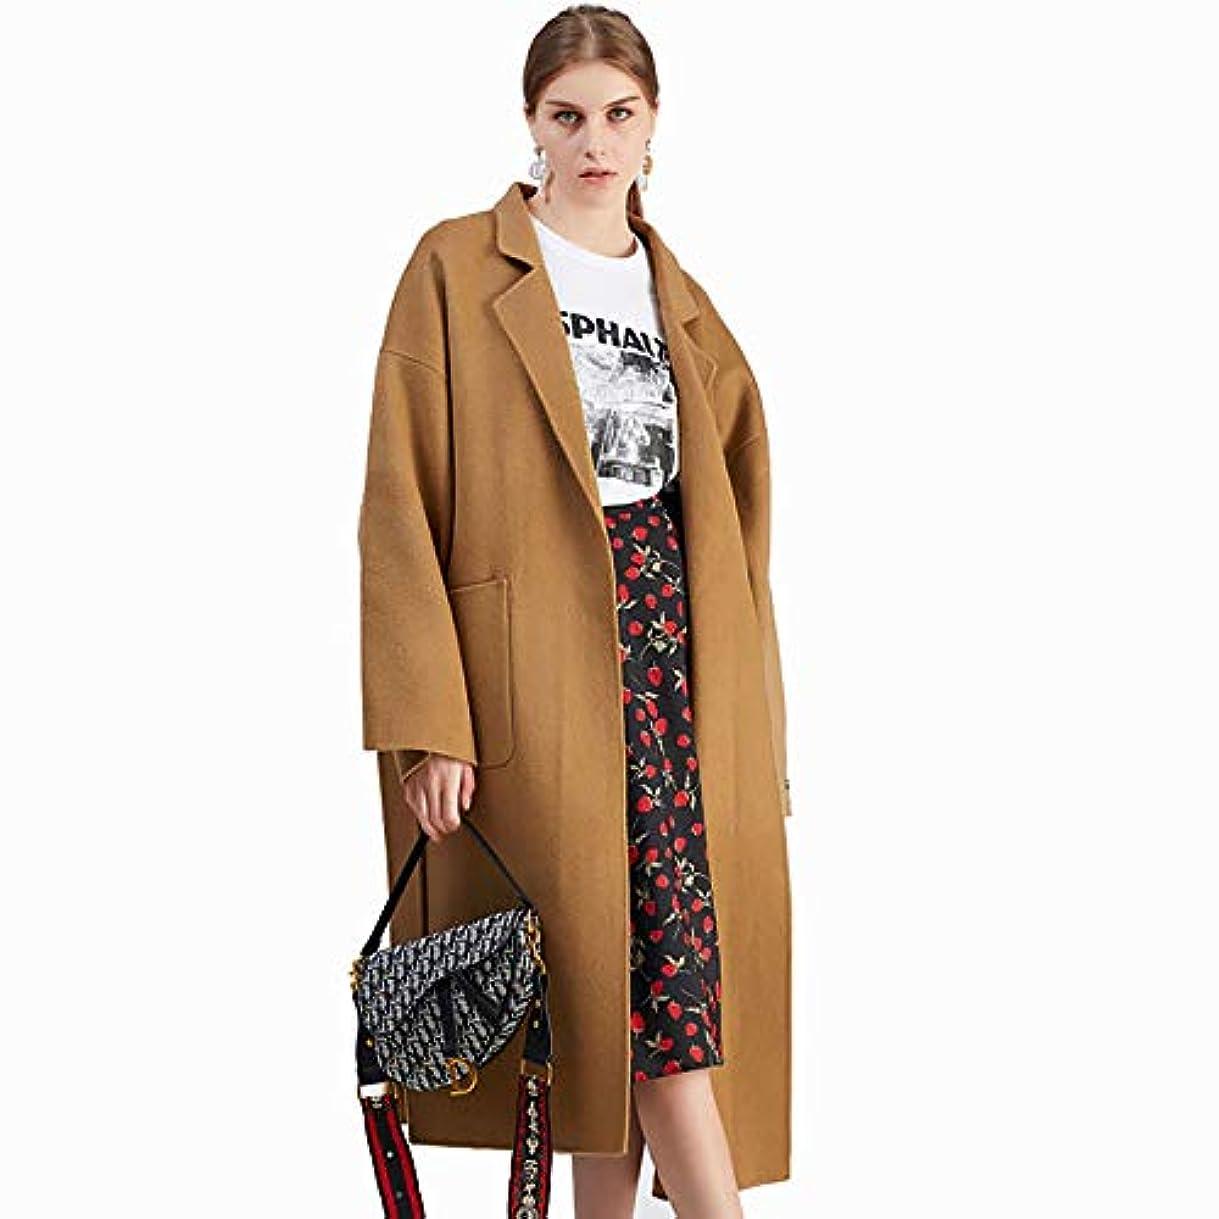 生ジャベスウィルソン悪性腫瘍ロングコート、秋と冬のカシミヤのコート、ロング両面のウールコート手作り婦人服レディースコートレディースウインドブレーカージャケット